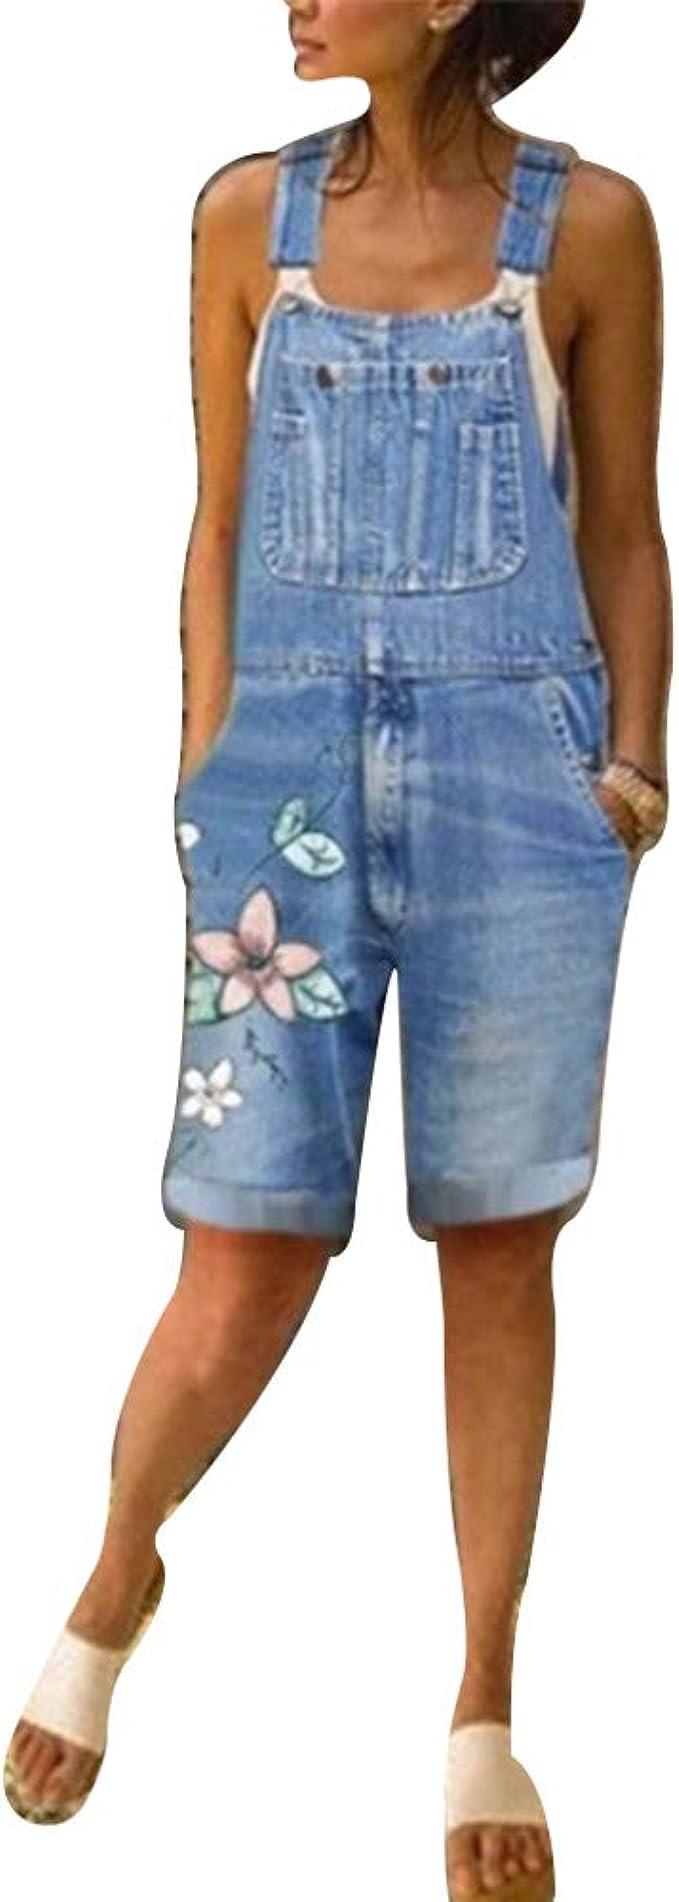 Shujin Salopette Jeans Femme Courte Combinaison Denim Shorts Imprim/é Fleurs Jumpsuit Pantalon Courts L/âche pour Et/é